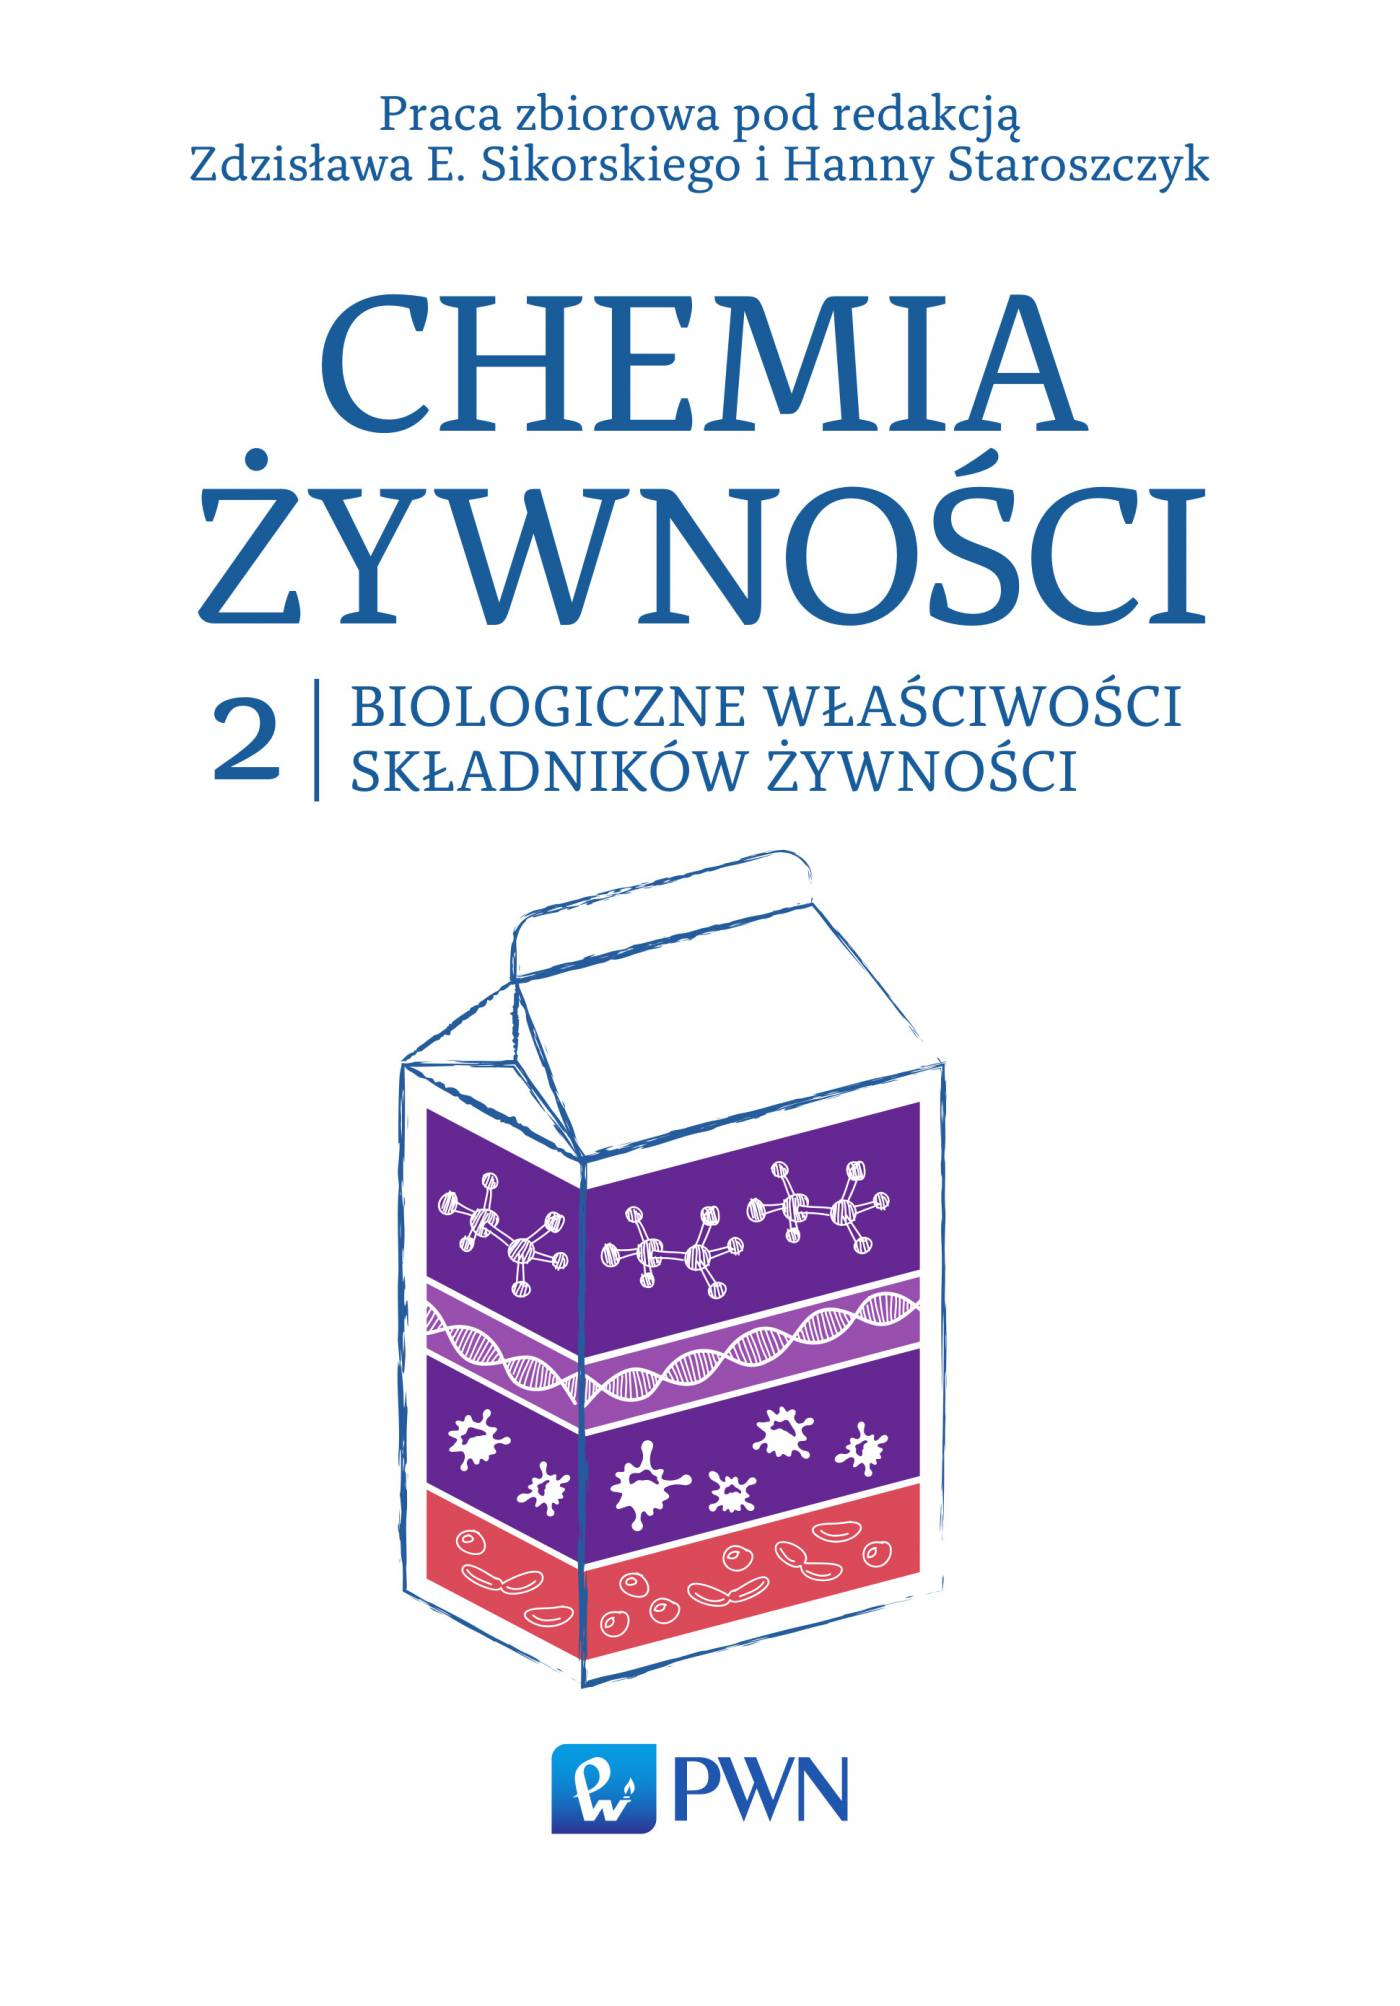 Chemia żywności t. 2. Biologiczne właściwości składników żywności - Ebook (Książka na Kindle) do pobrania w formacie MOBI